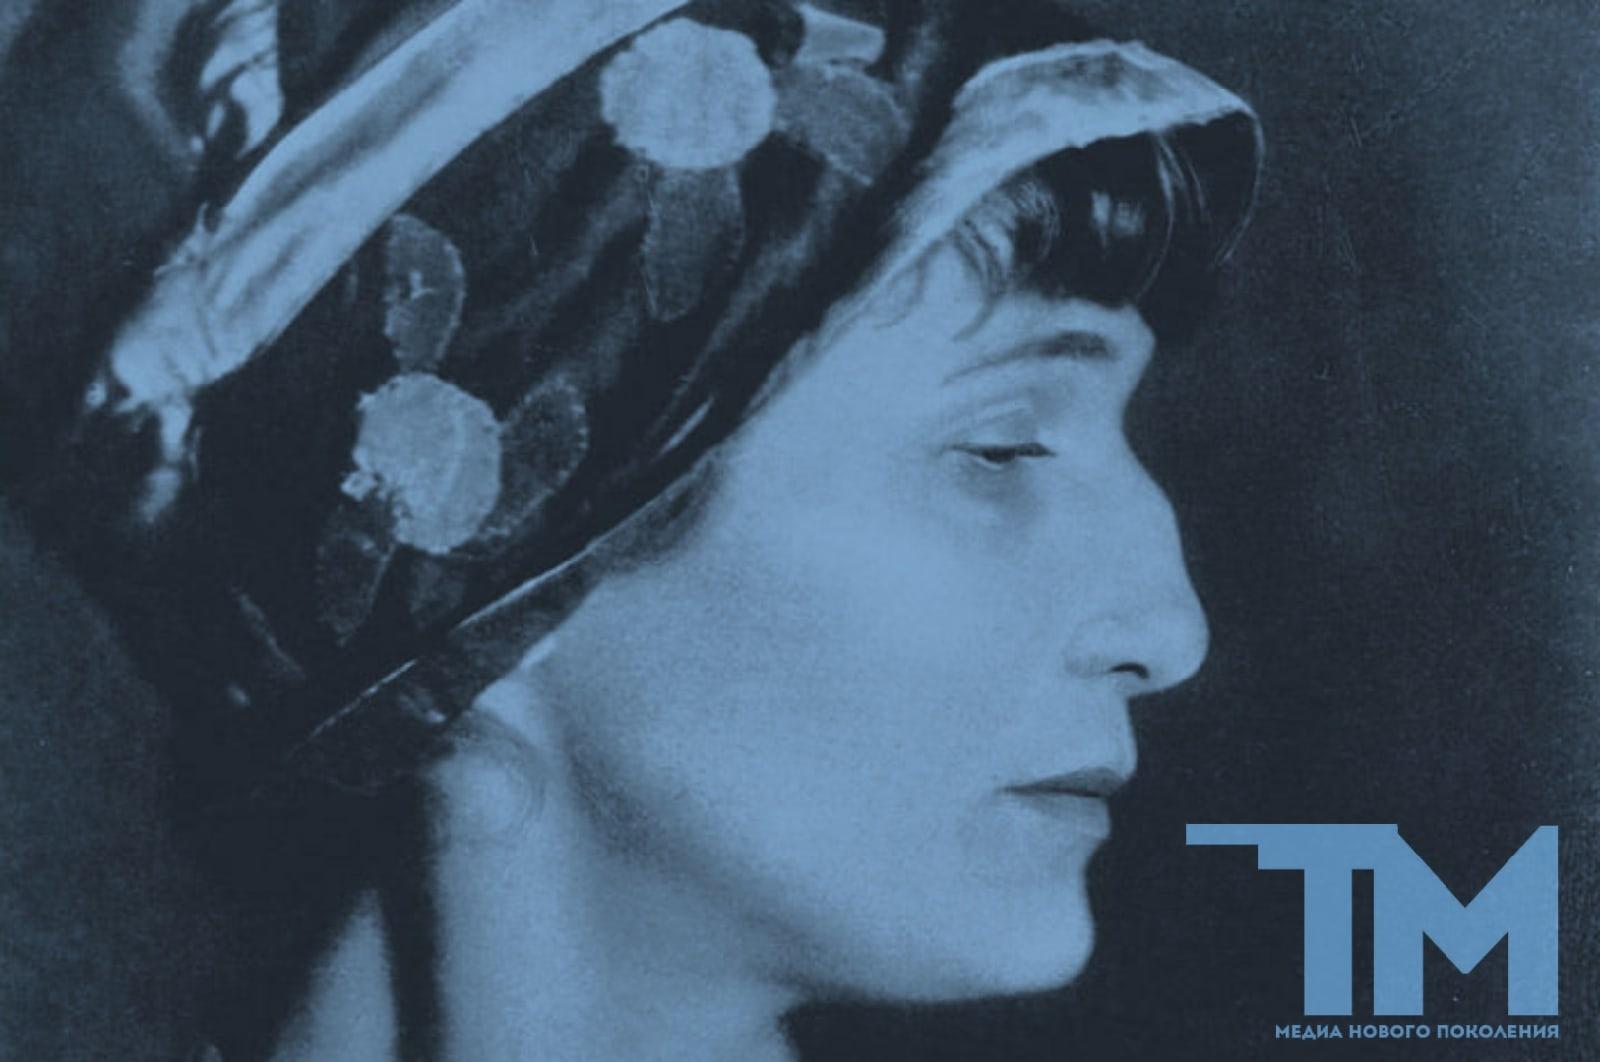 «Я — голос Ваш»: трибьют-альбом в честь Анны Ахматовой